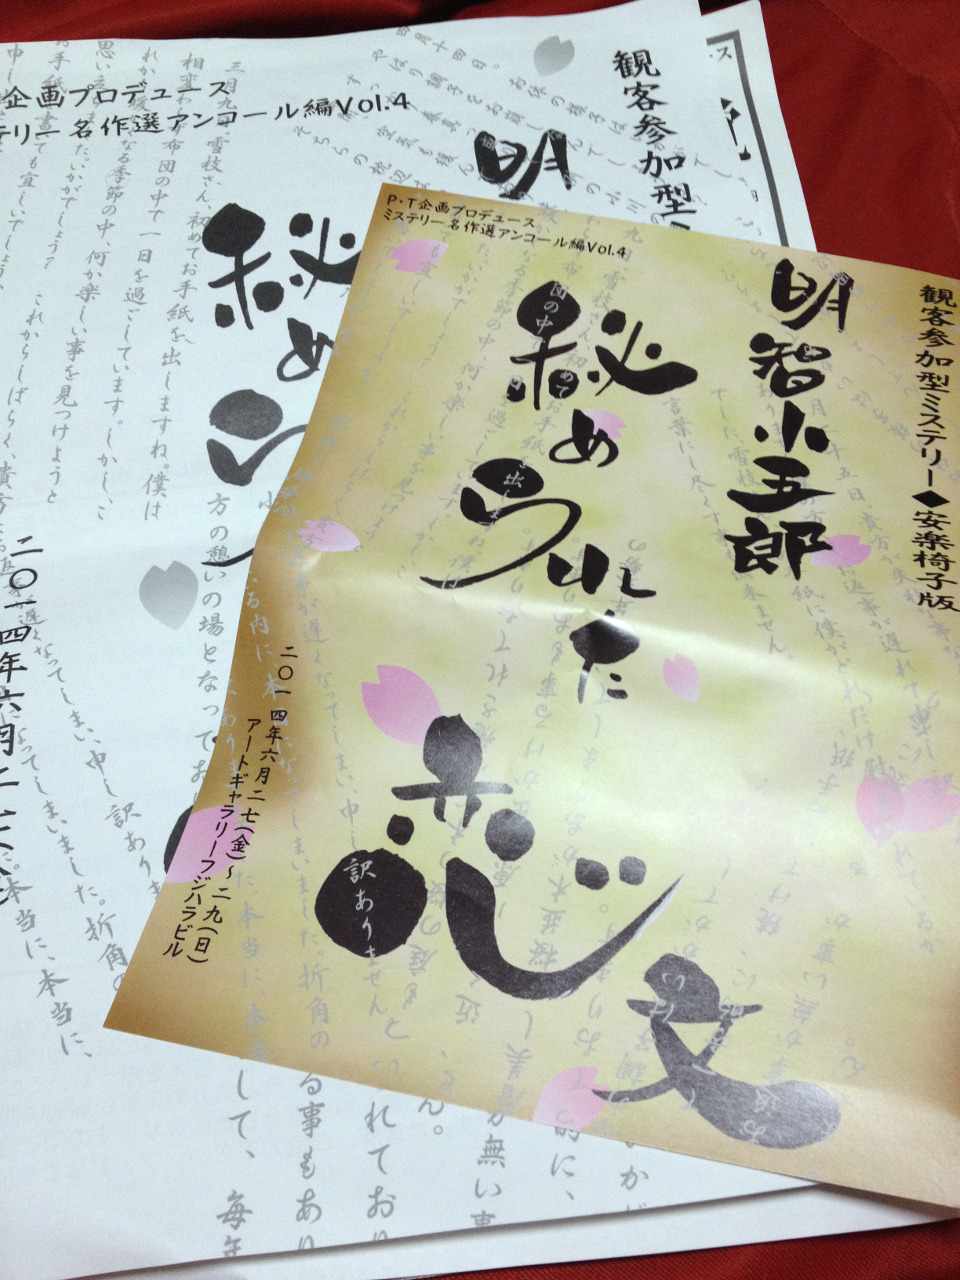 観劇雑記:劇団P・T企画「秘められた恋文」 初の完勝!